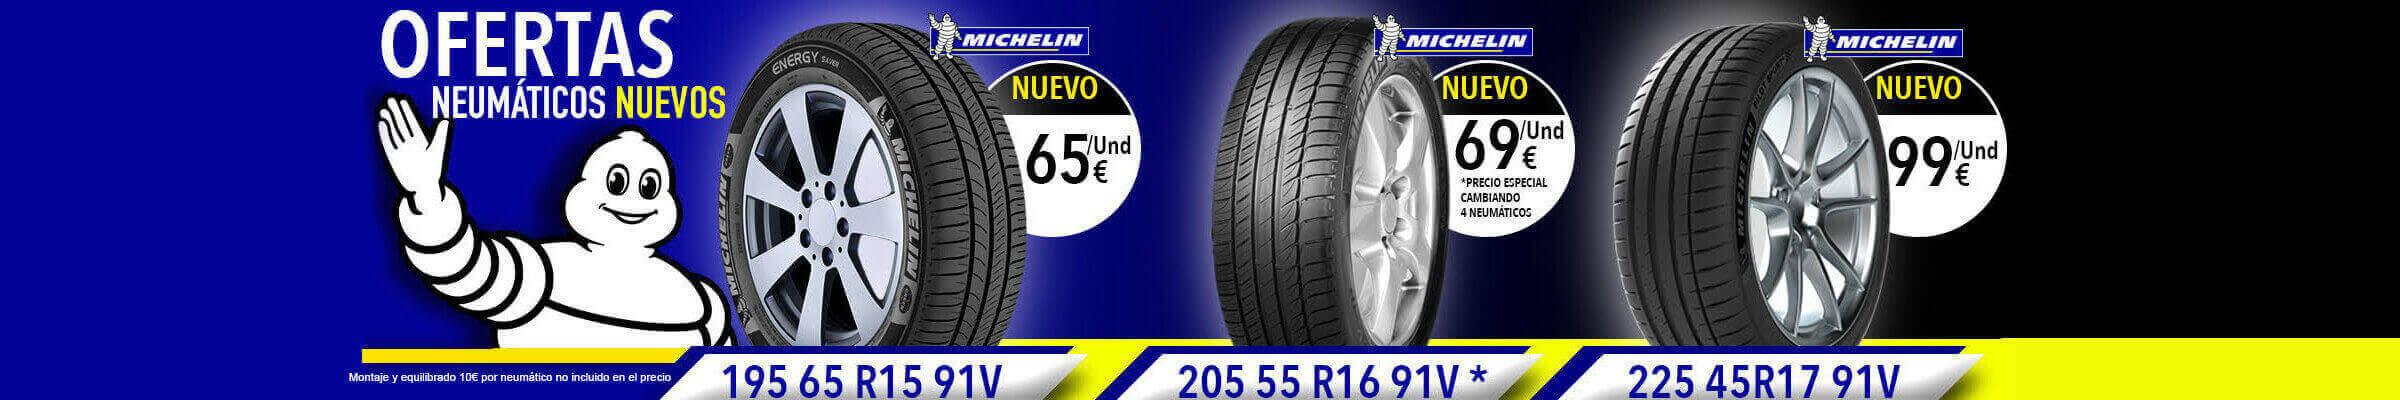 Oferta de neumáticos nuevos Michelin